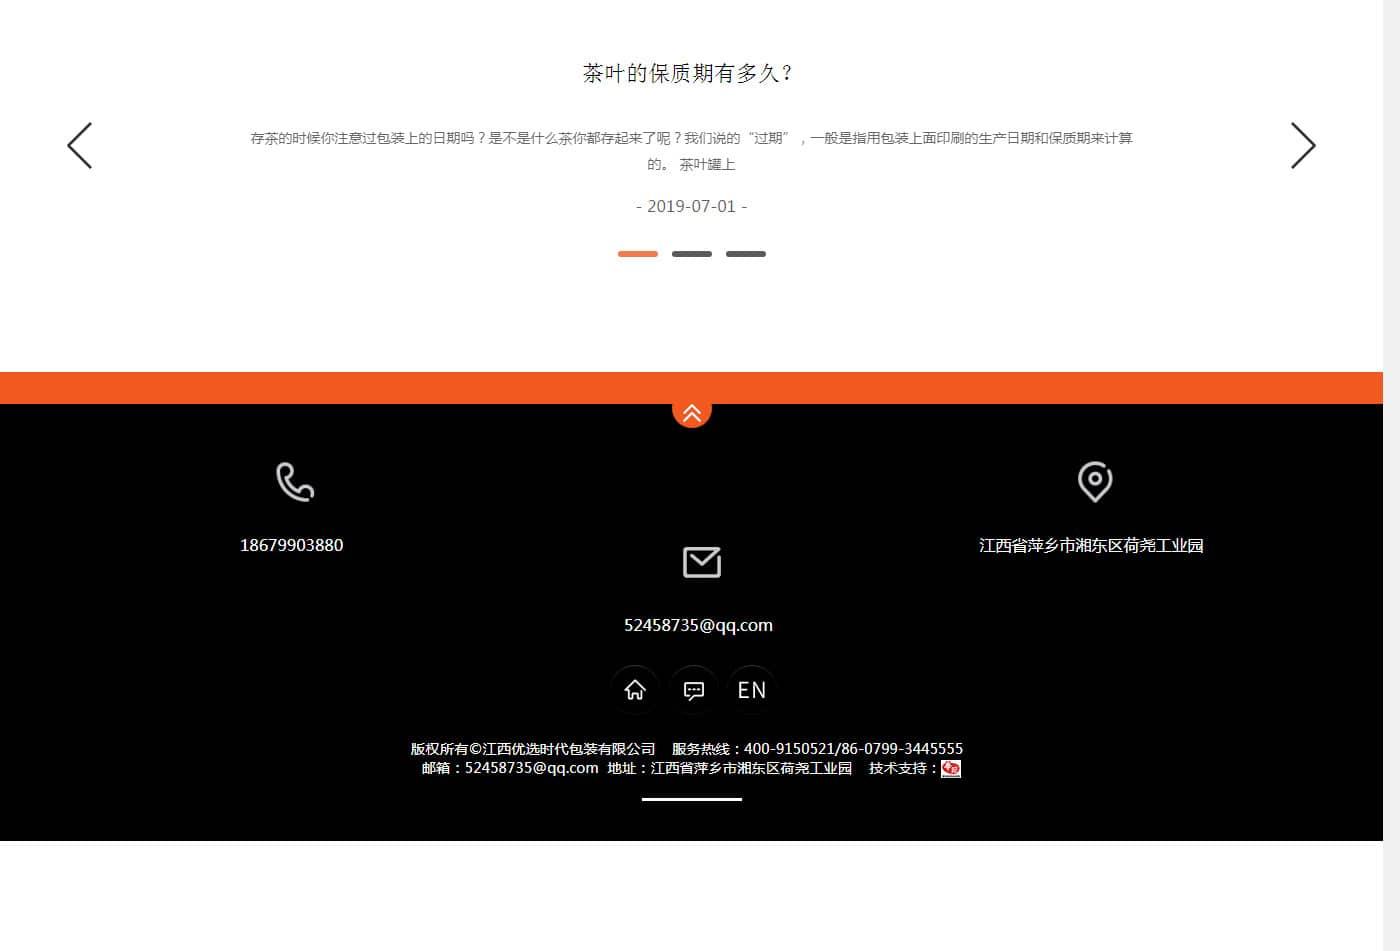 江西优选时代包装有限公司_05.jpg